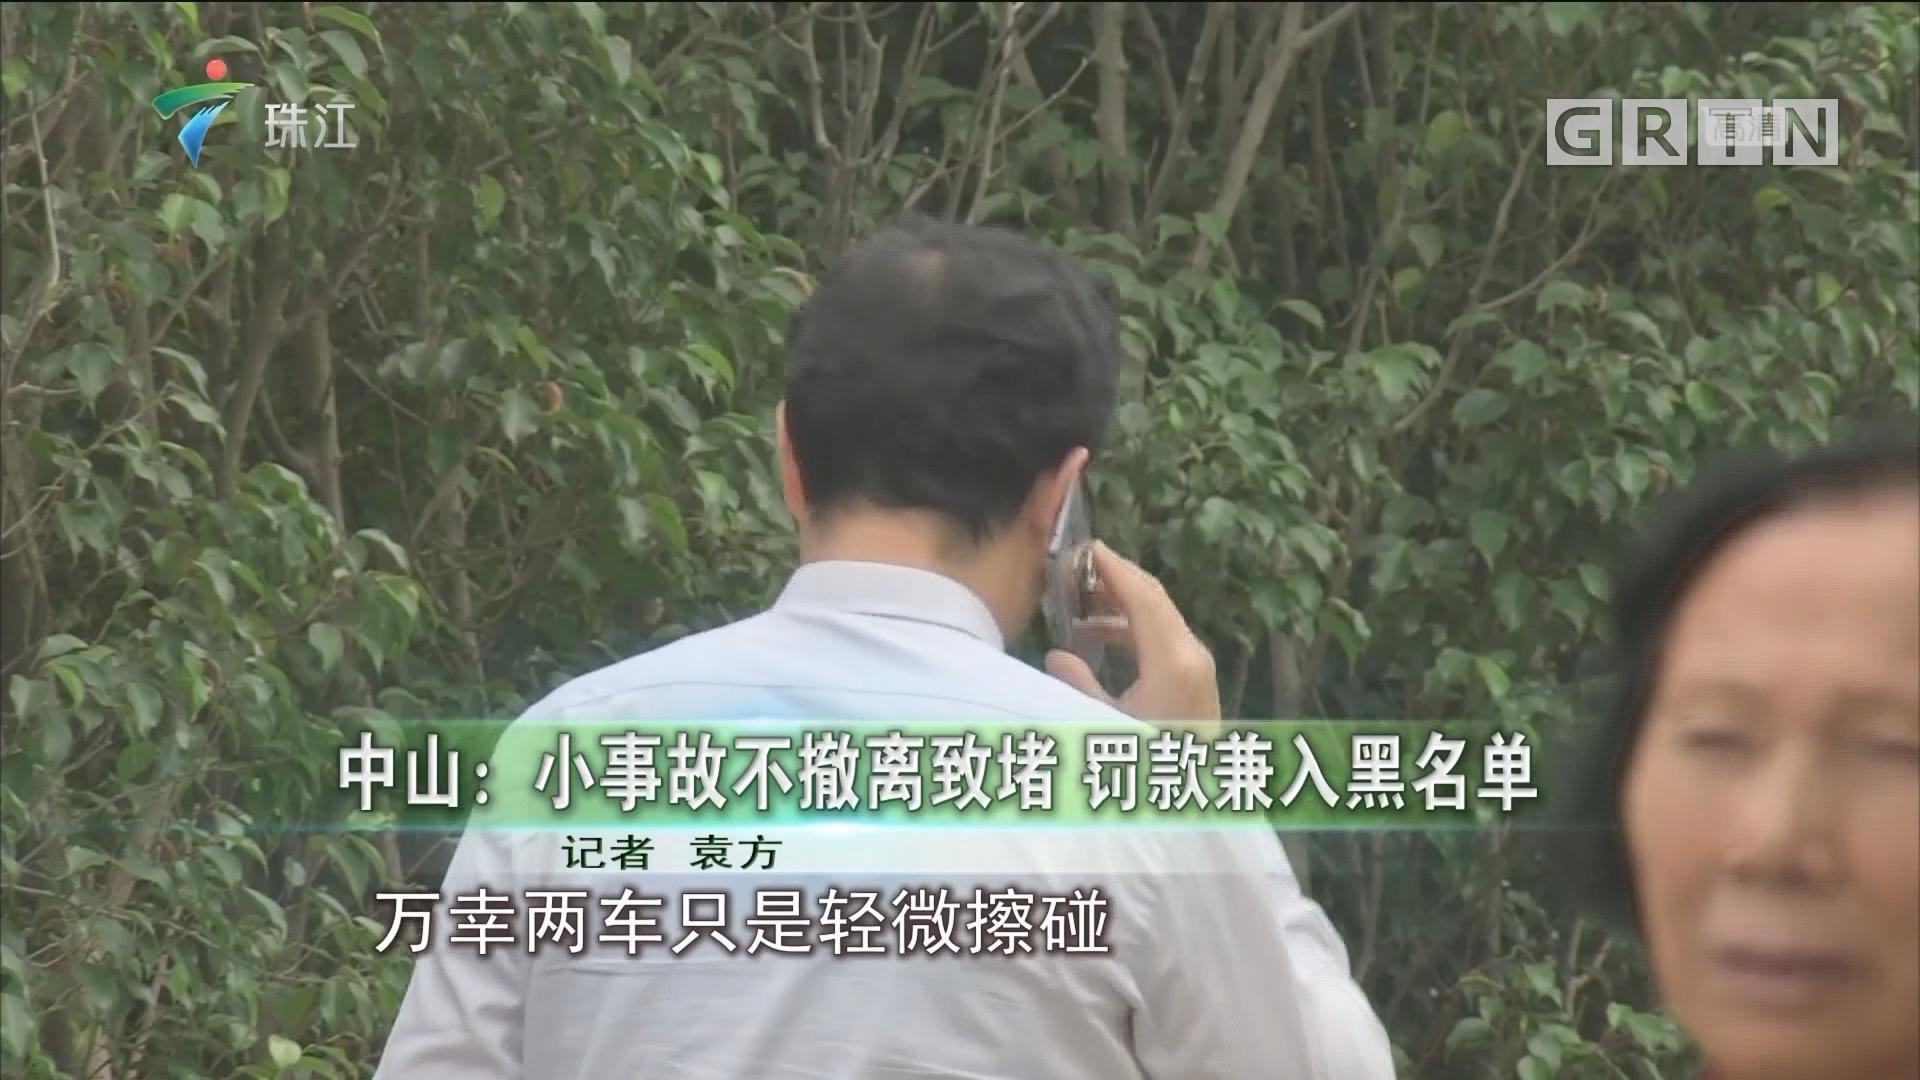 中山:小事故不撤离致堵 罚款兼入黑名单